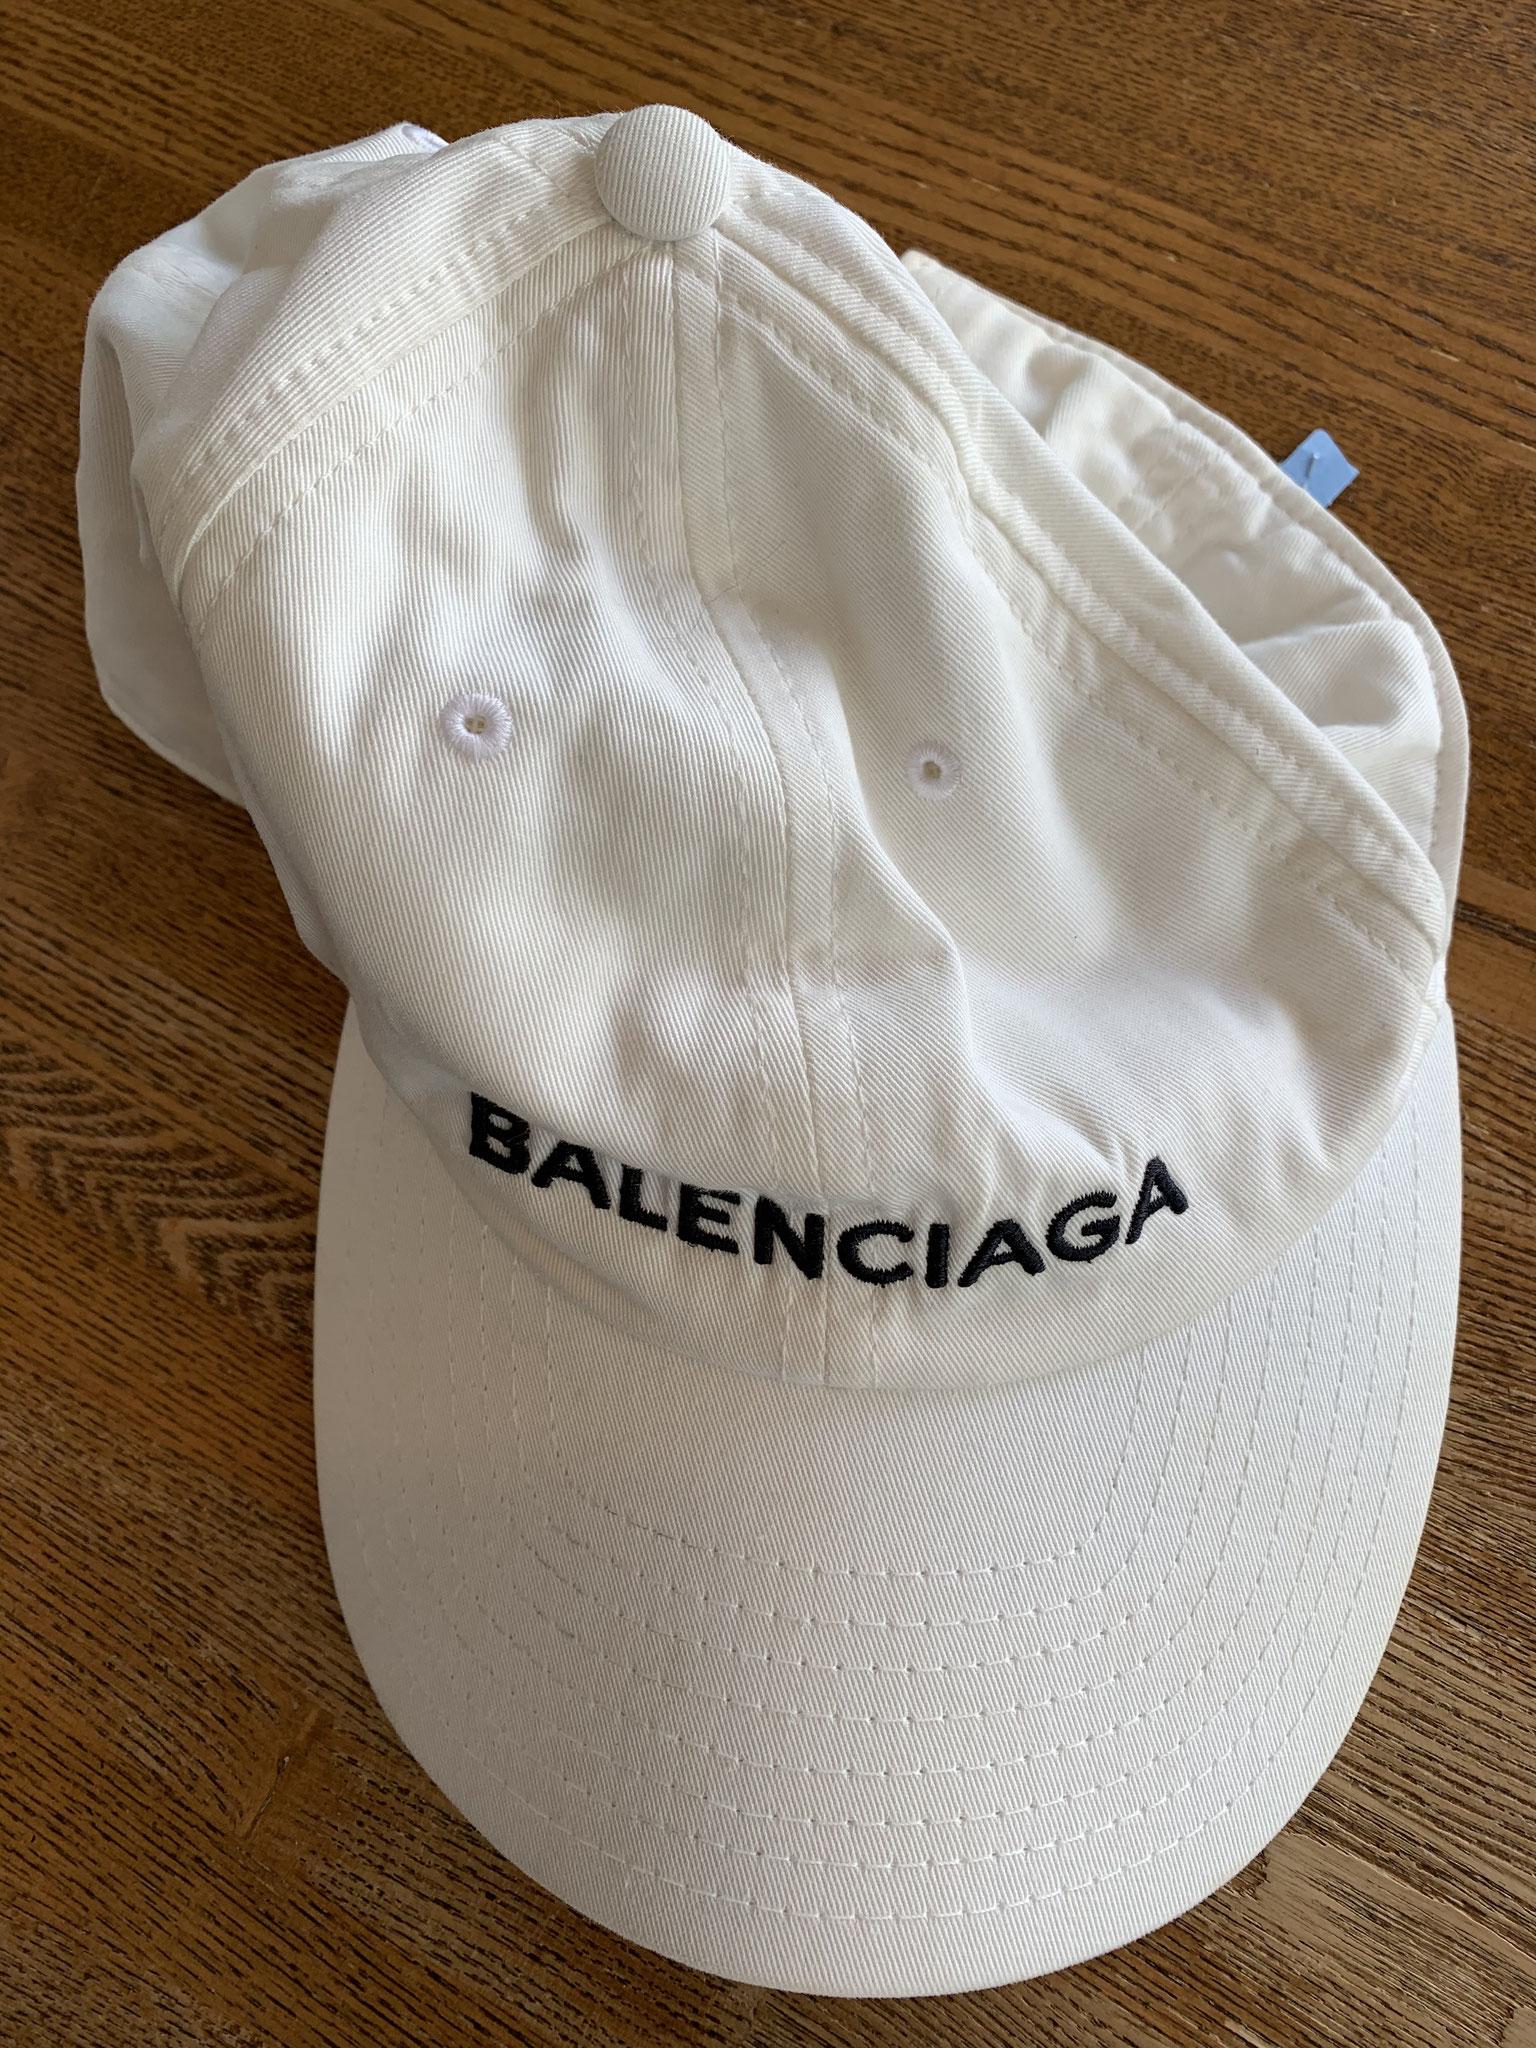 シワシワ潰れたバレンシアガ